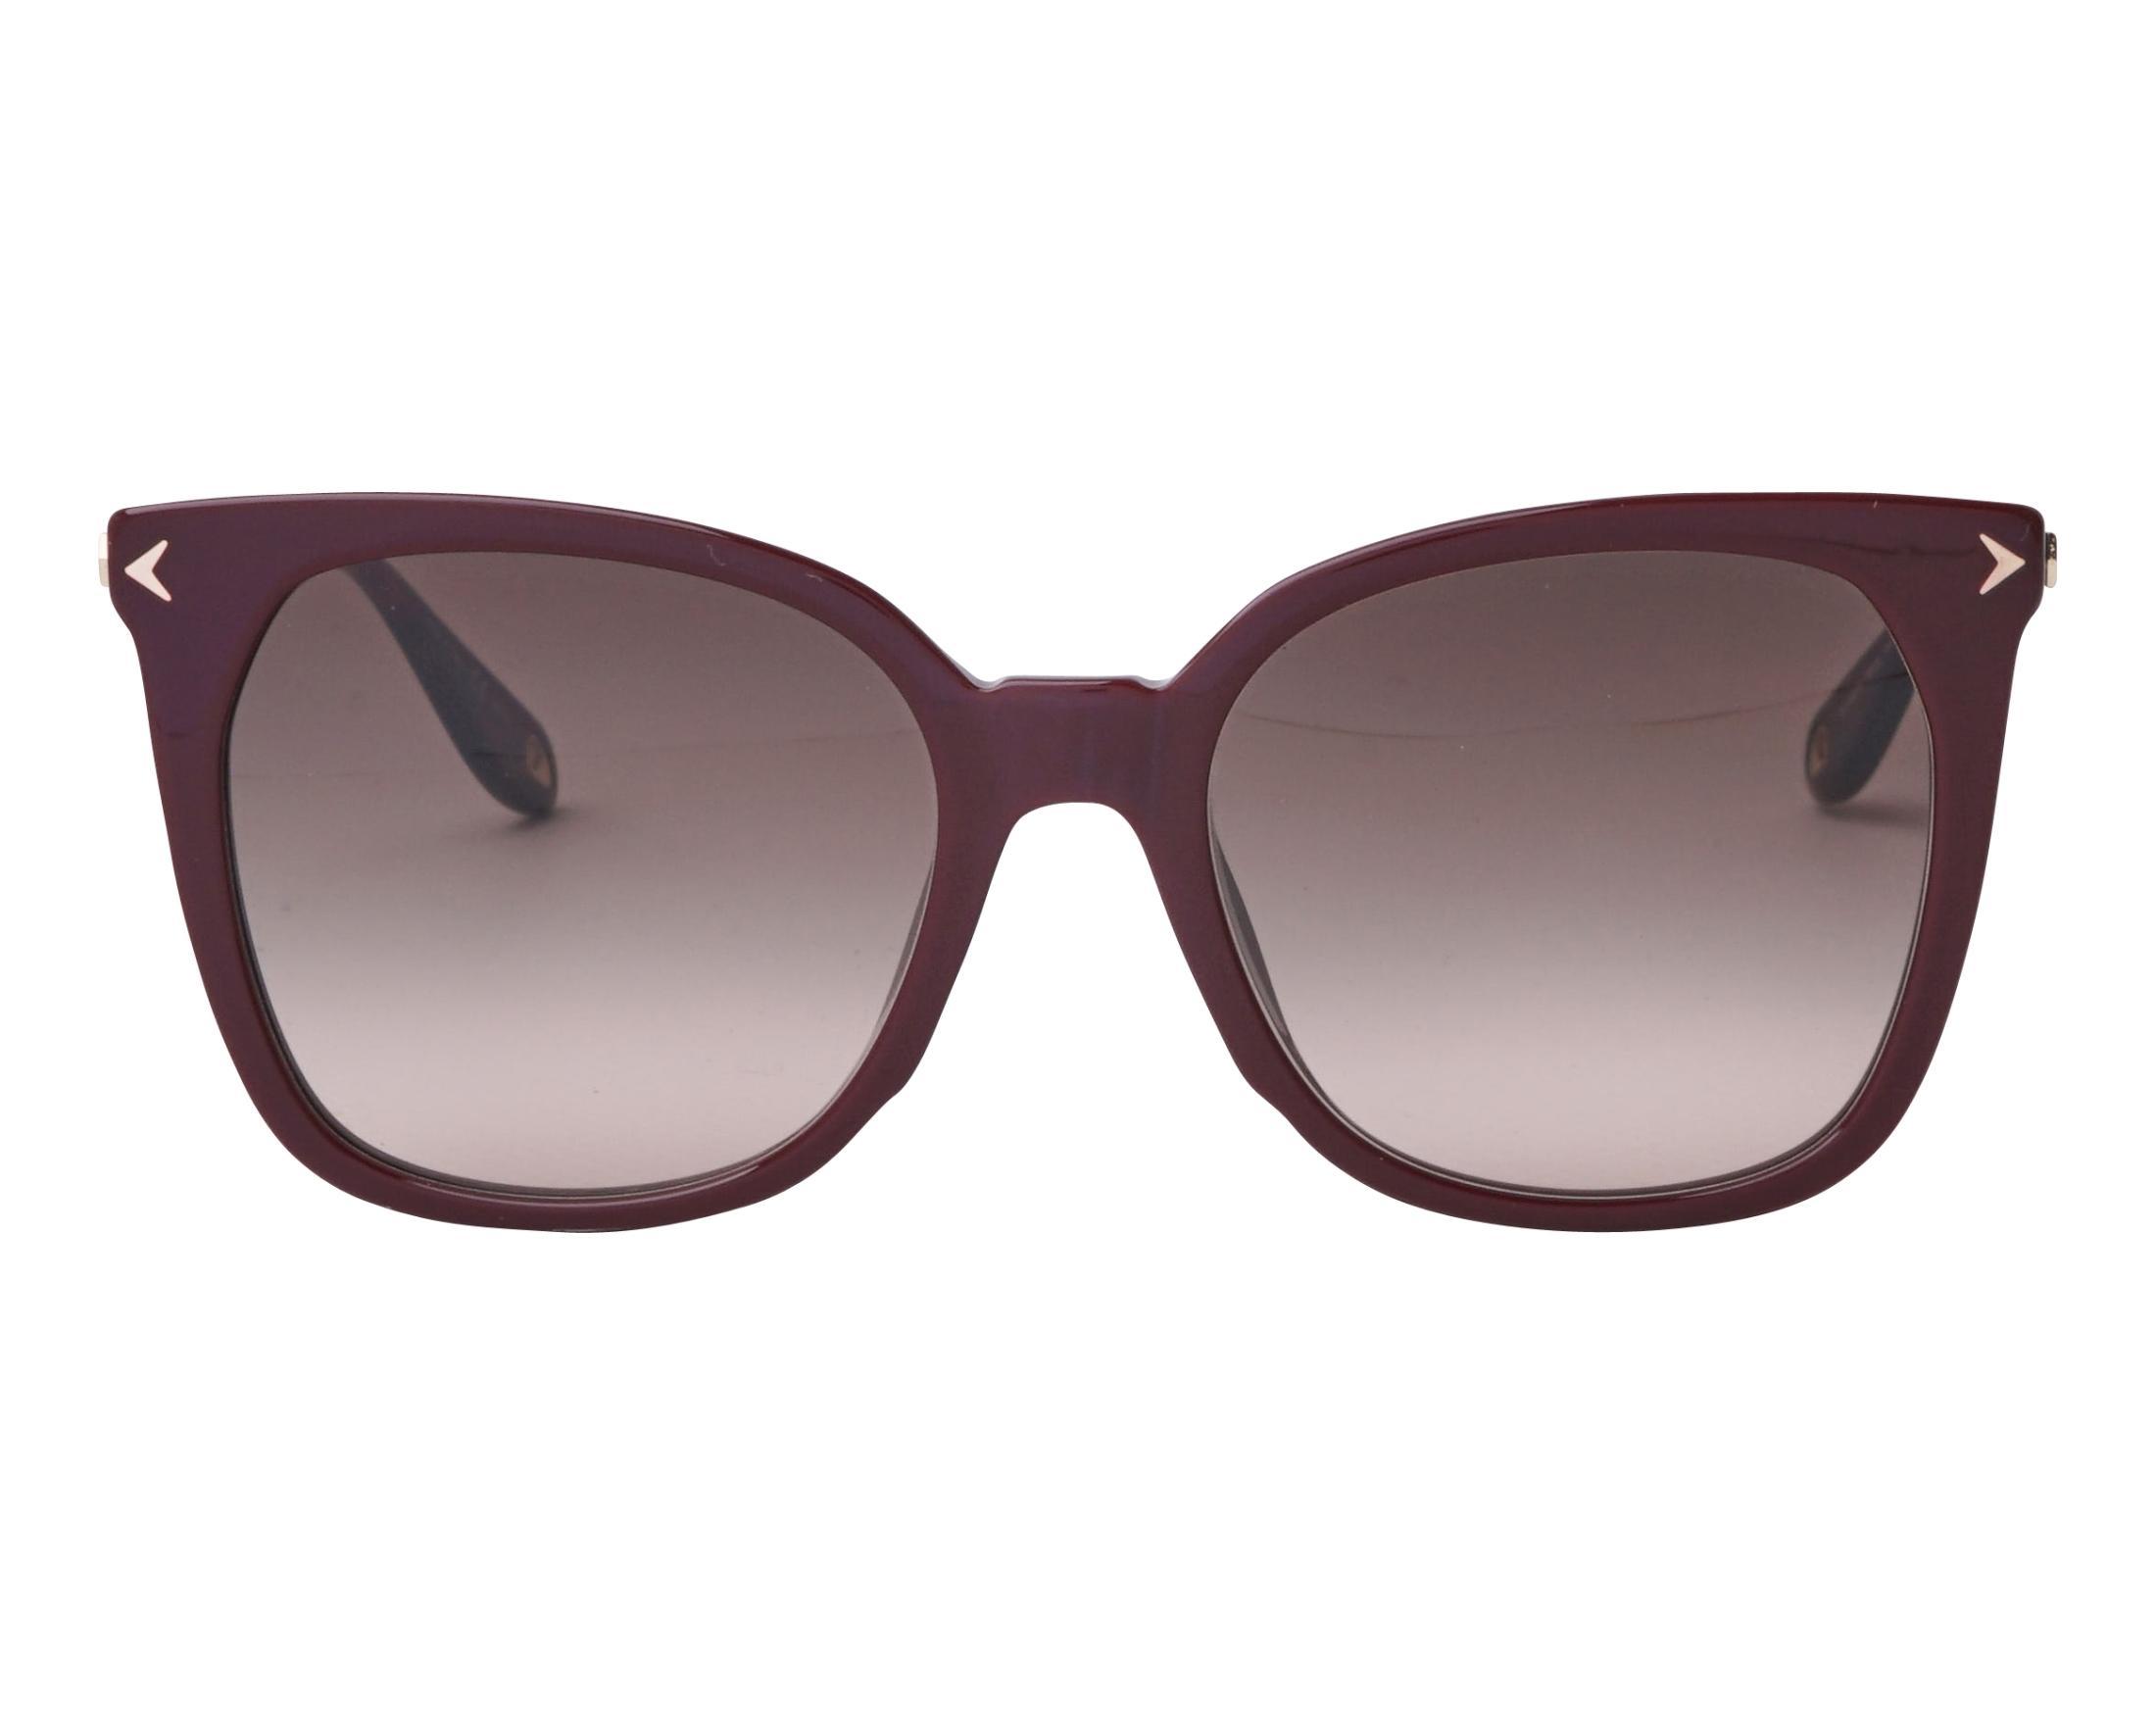 e11fb6d519 Gafas de sol Givenchy GV-7097-S C9AHA 54-19 Bordeaux Oro vista